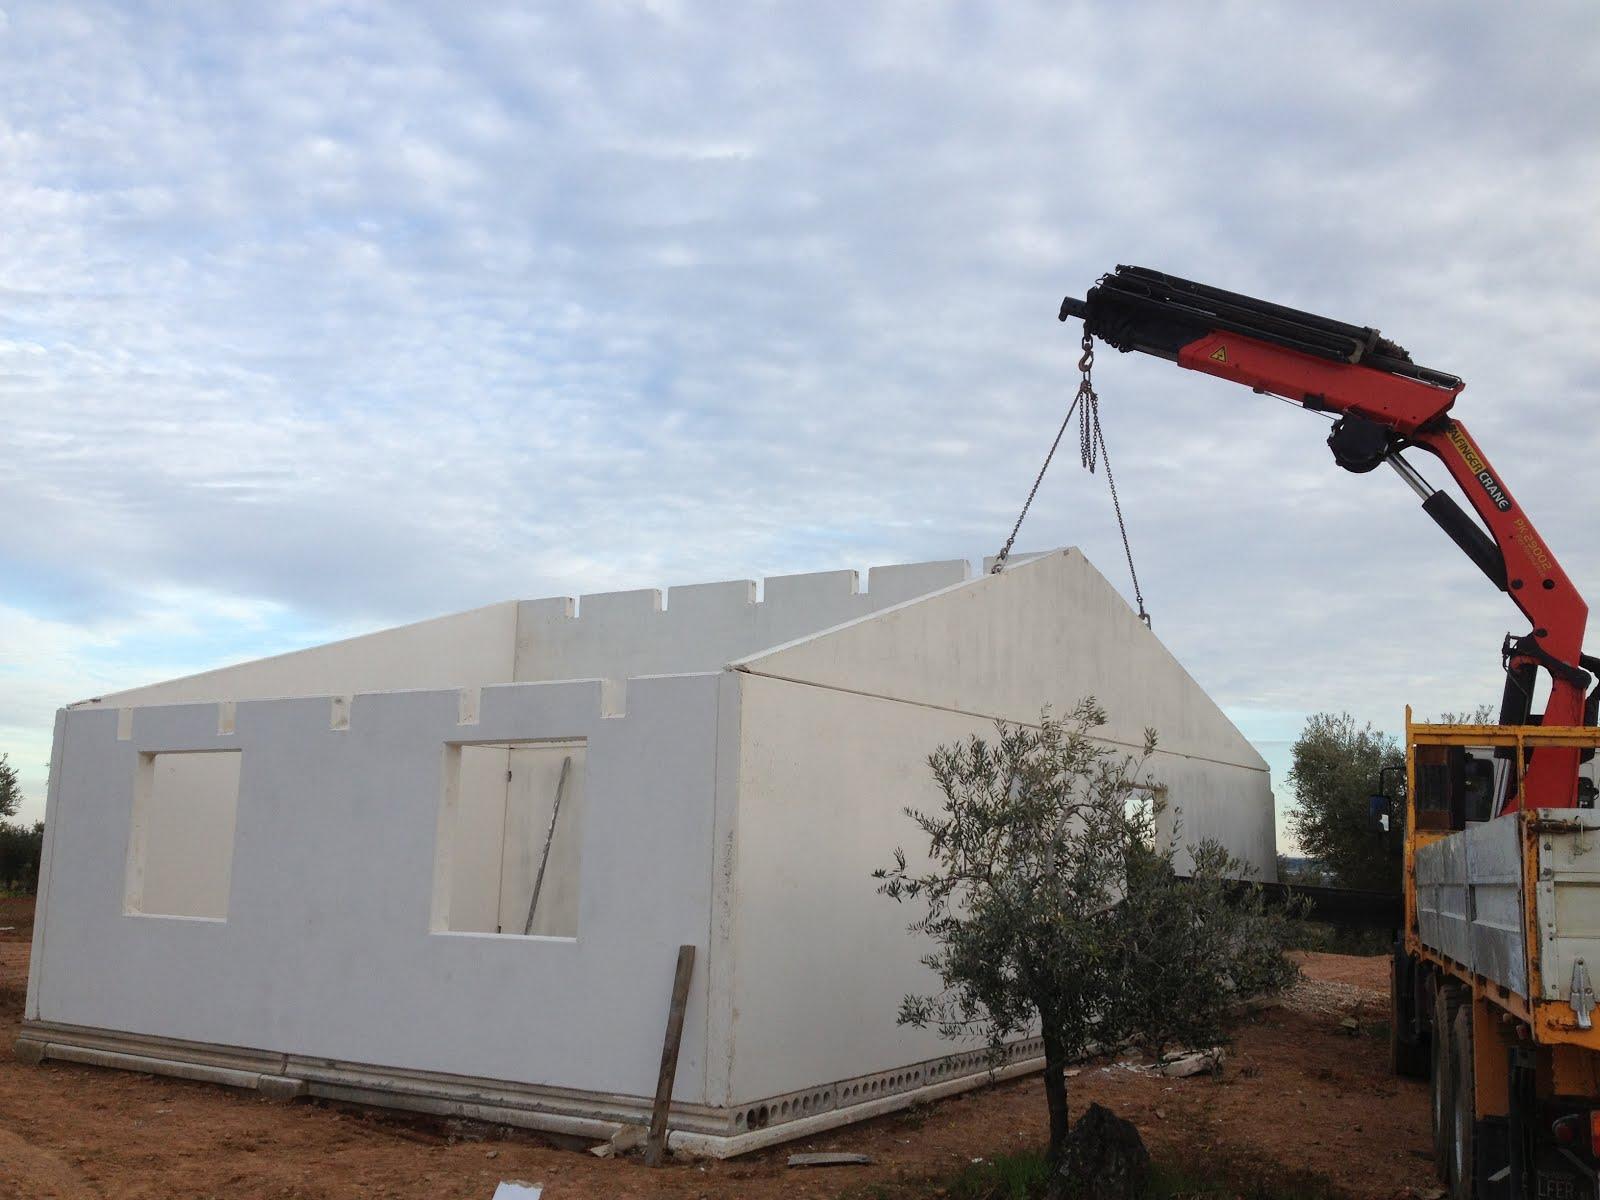 Casa de este alojamiento construir una casas con panel for Casas de panel sandwich de segunda mano